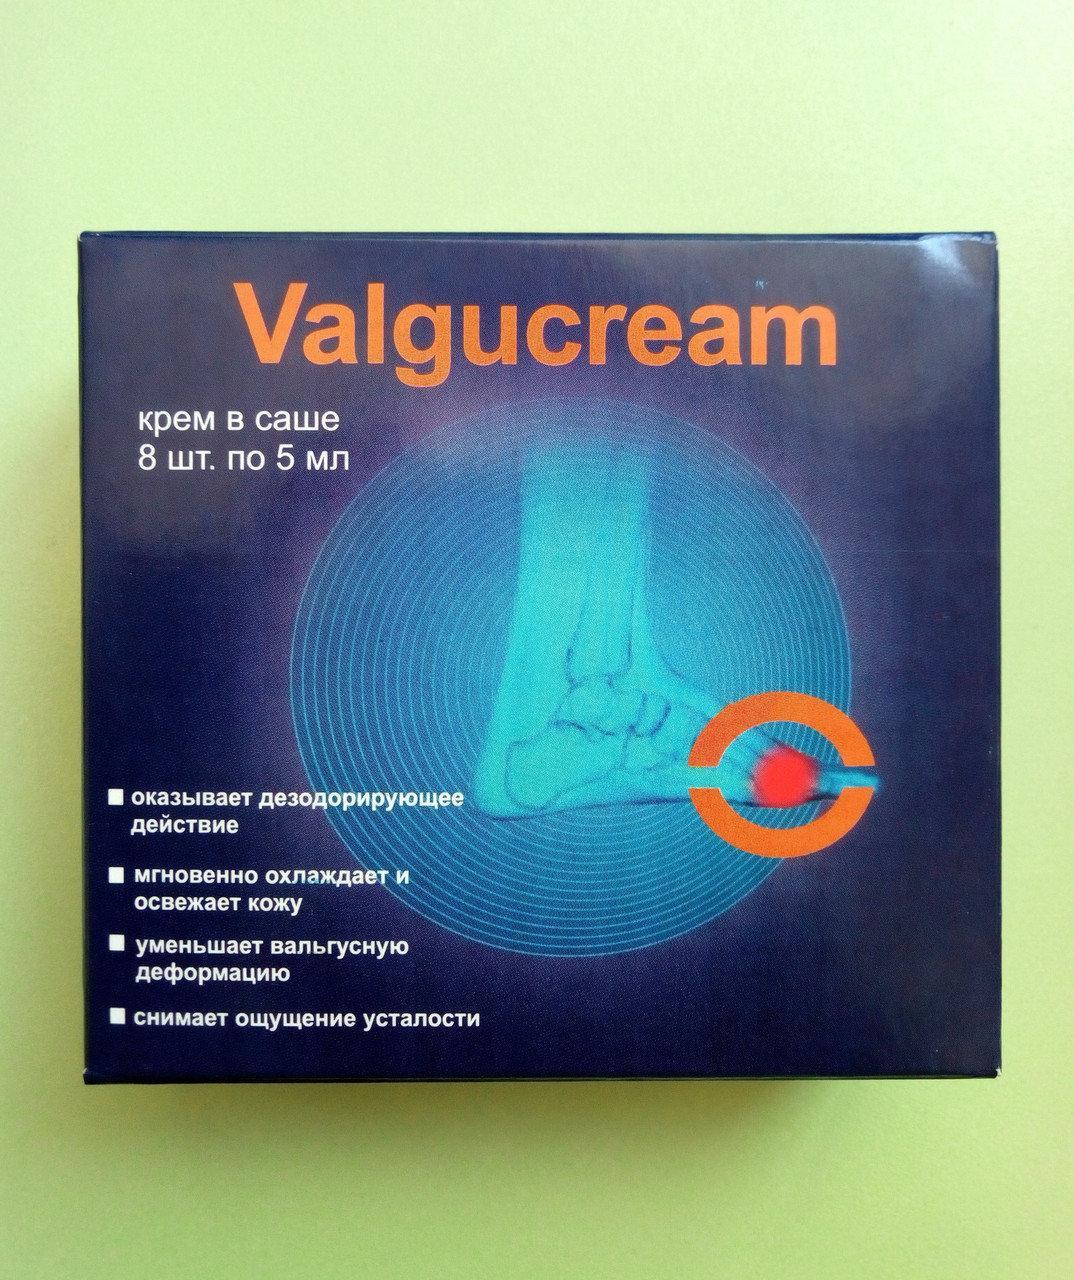 Valgucream - Крем от вальгусной деформации (ВальгуКрем)